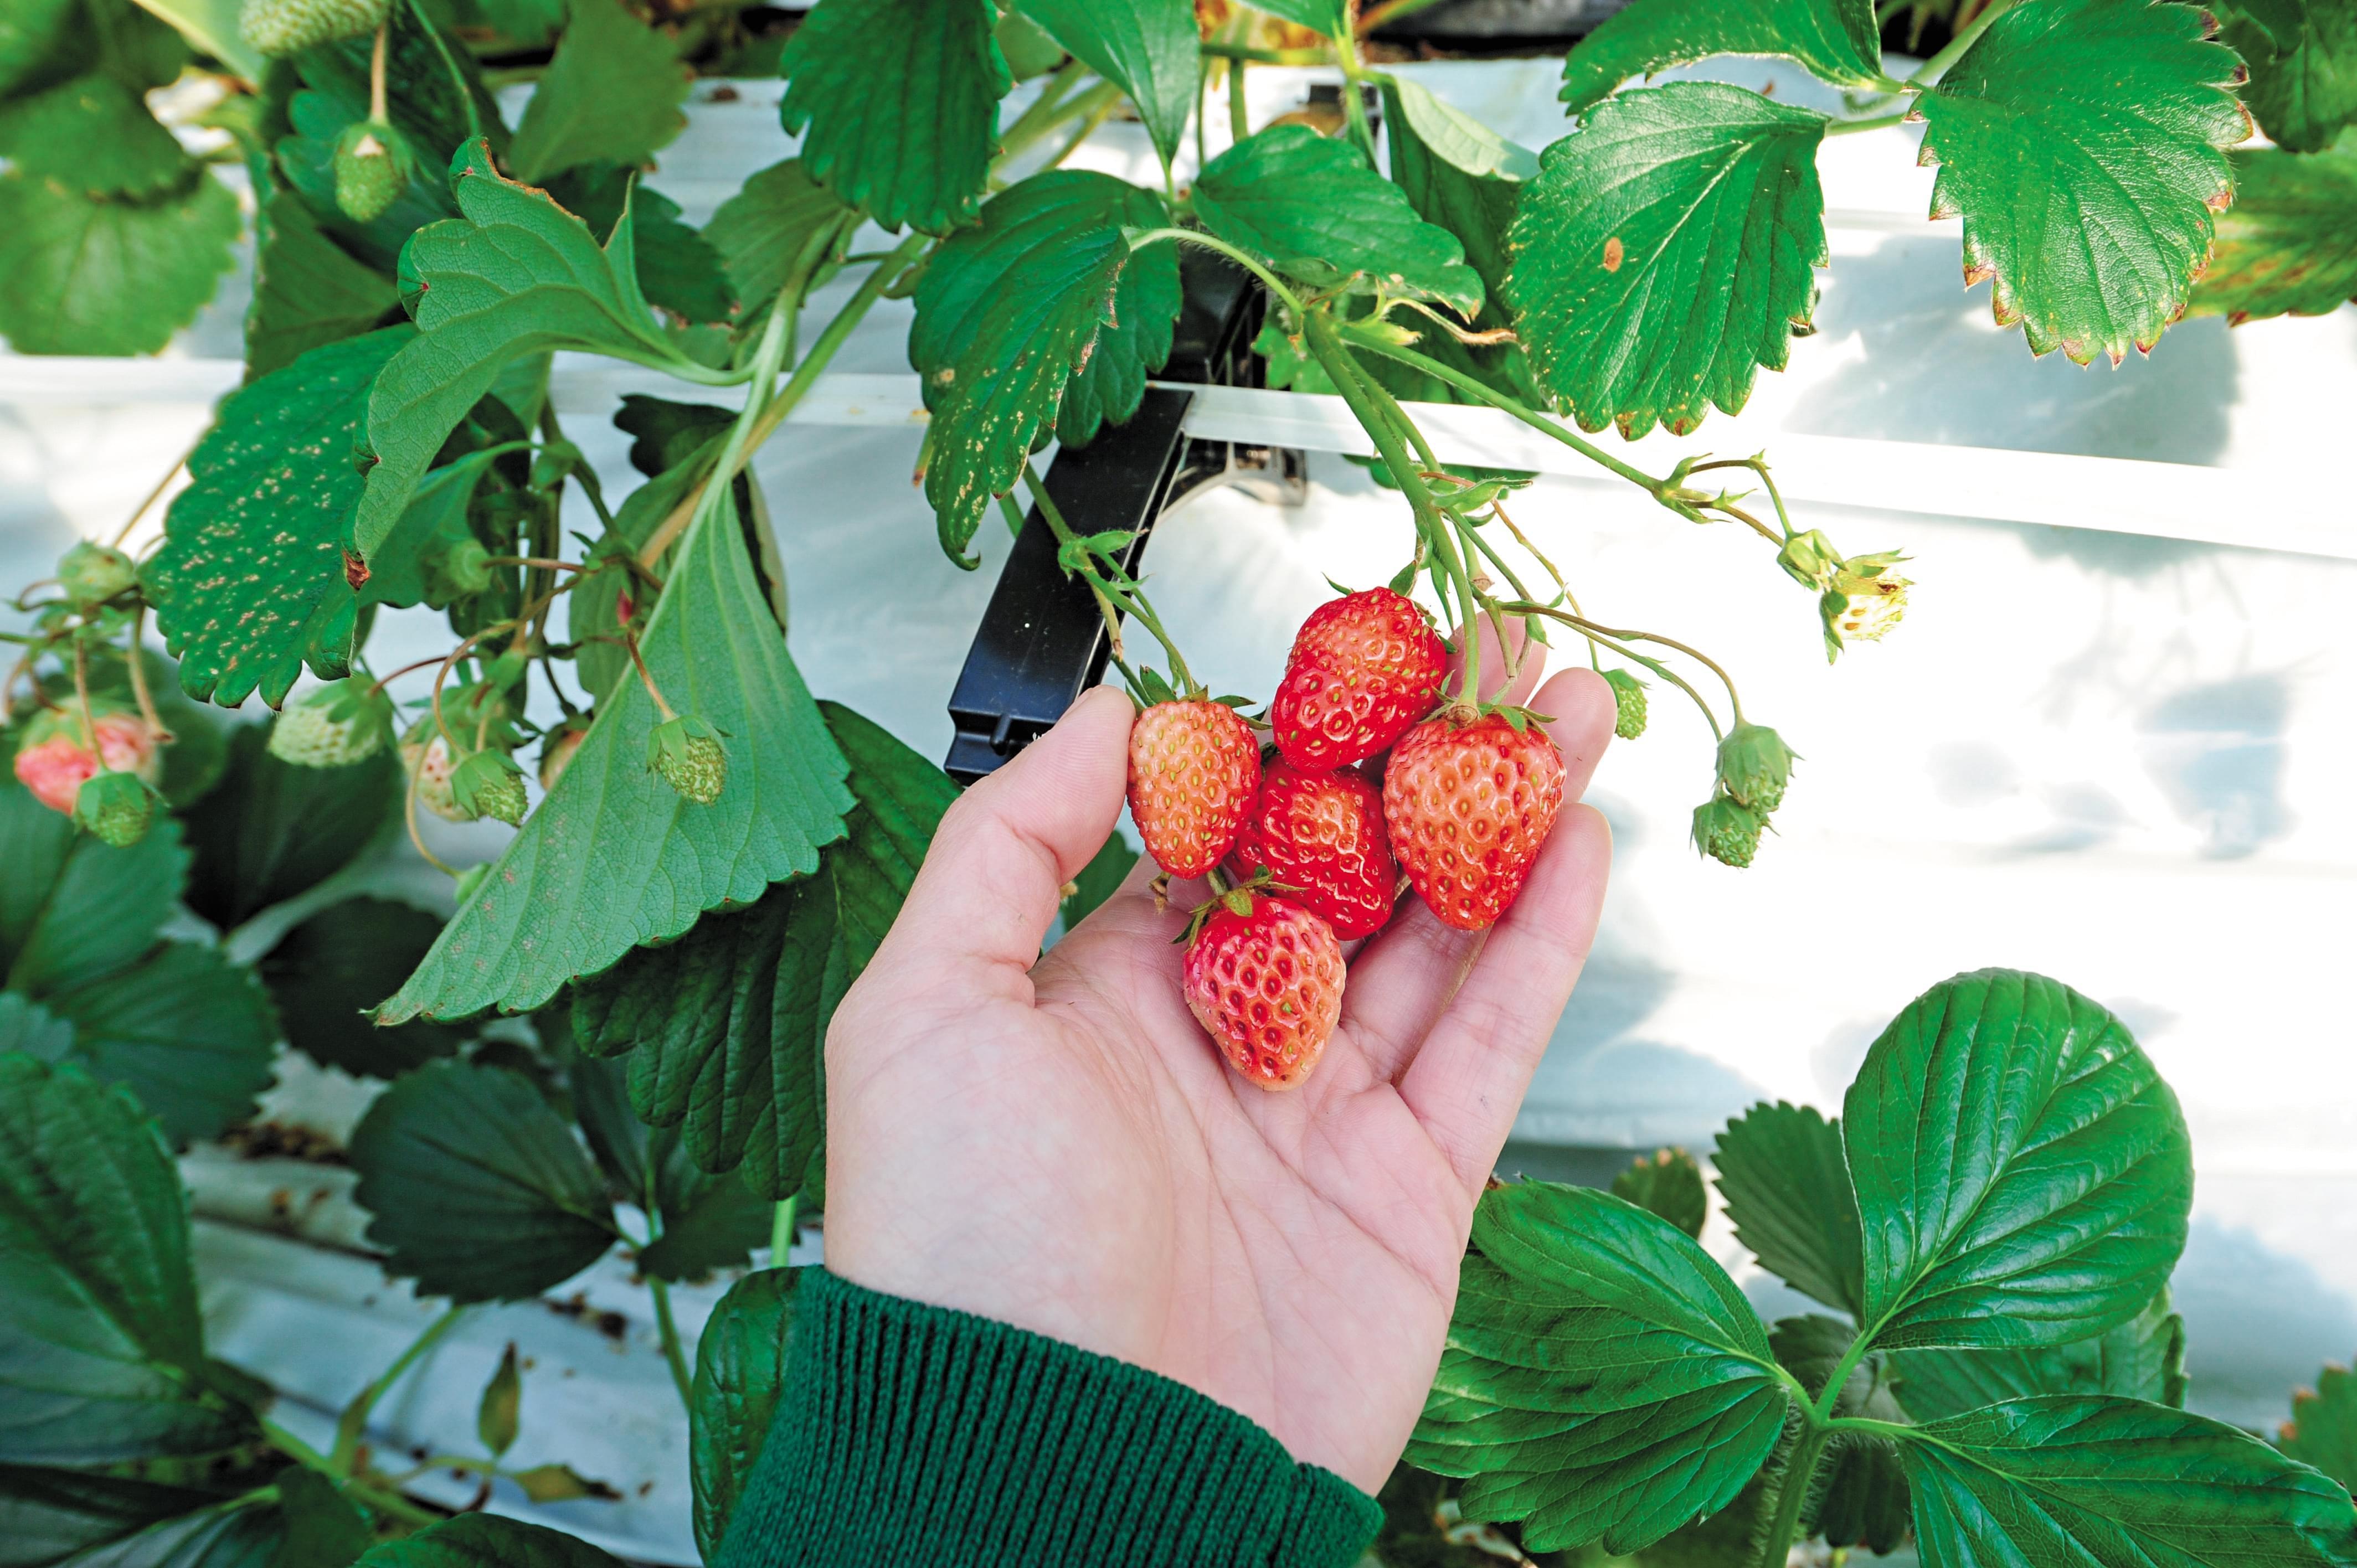 2016年3月,日本福岛磐城观光草莓园,不限时采摘草莓。/视觉中国